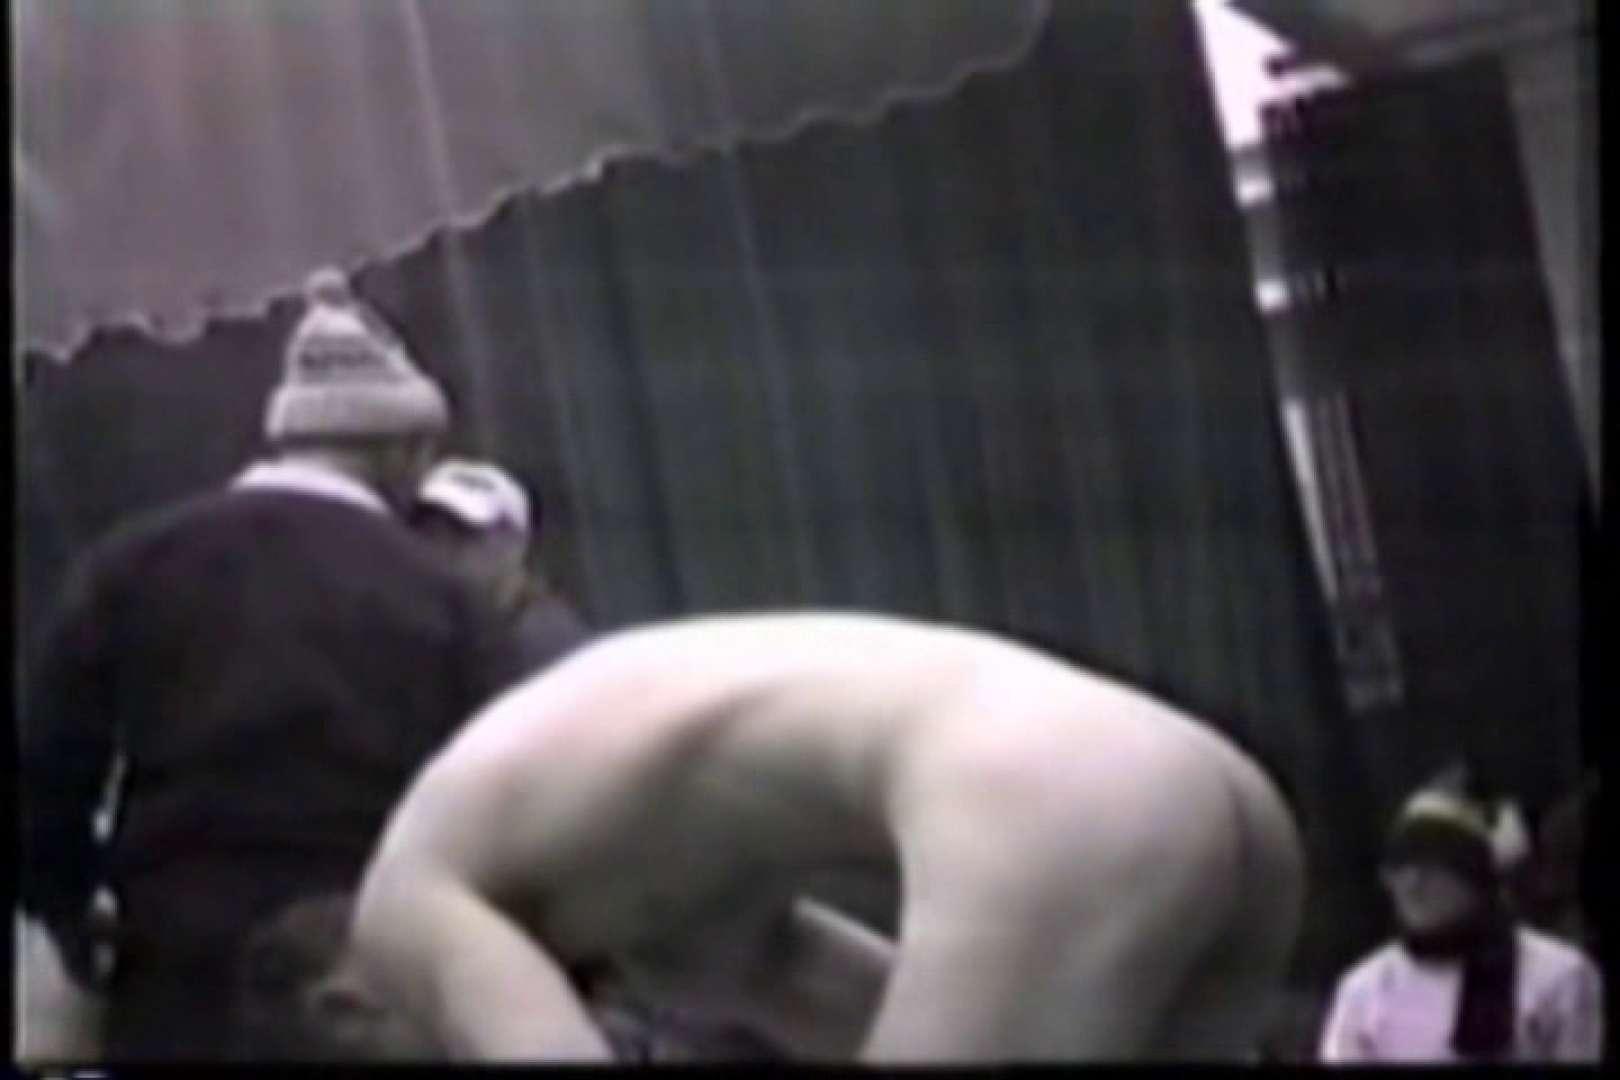 洋人さんの脱衣所を覗いてみました。VOL.6 肉肉しい男たち | 男に首ったけ  22連発 1